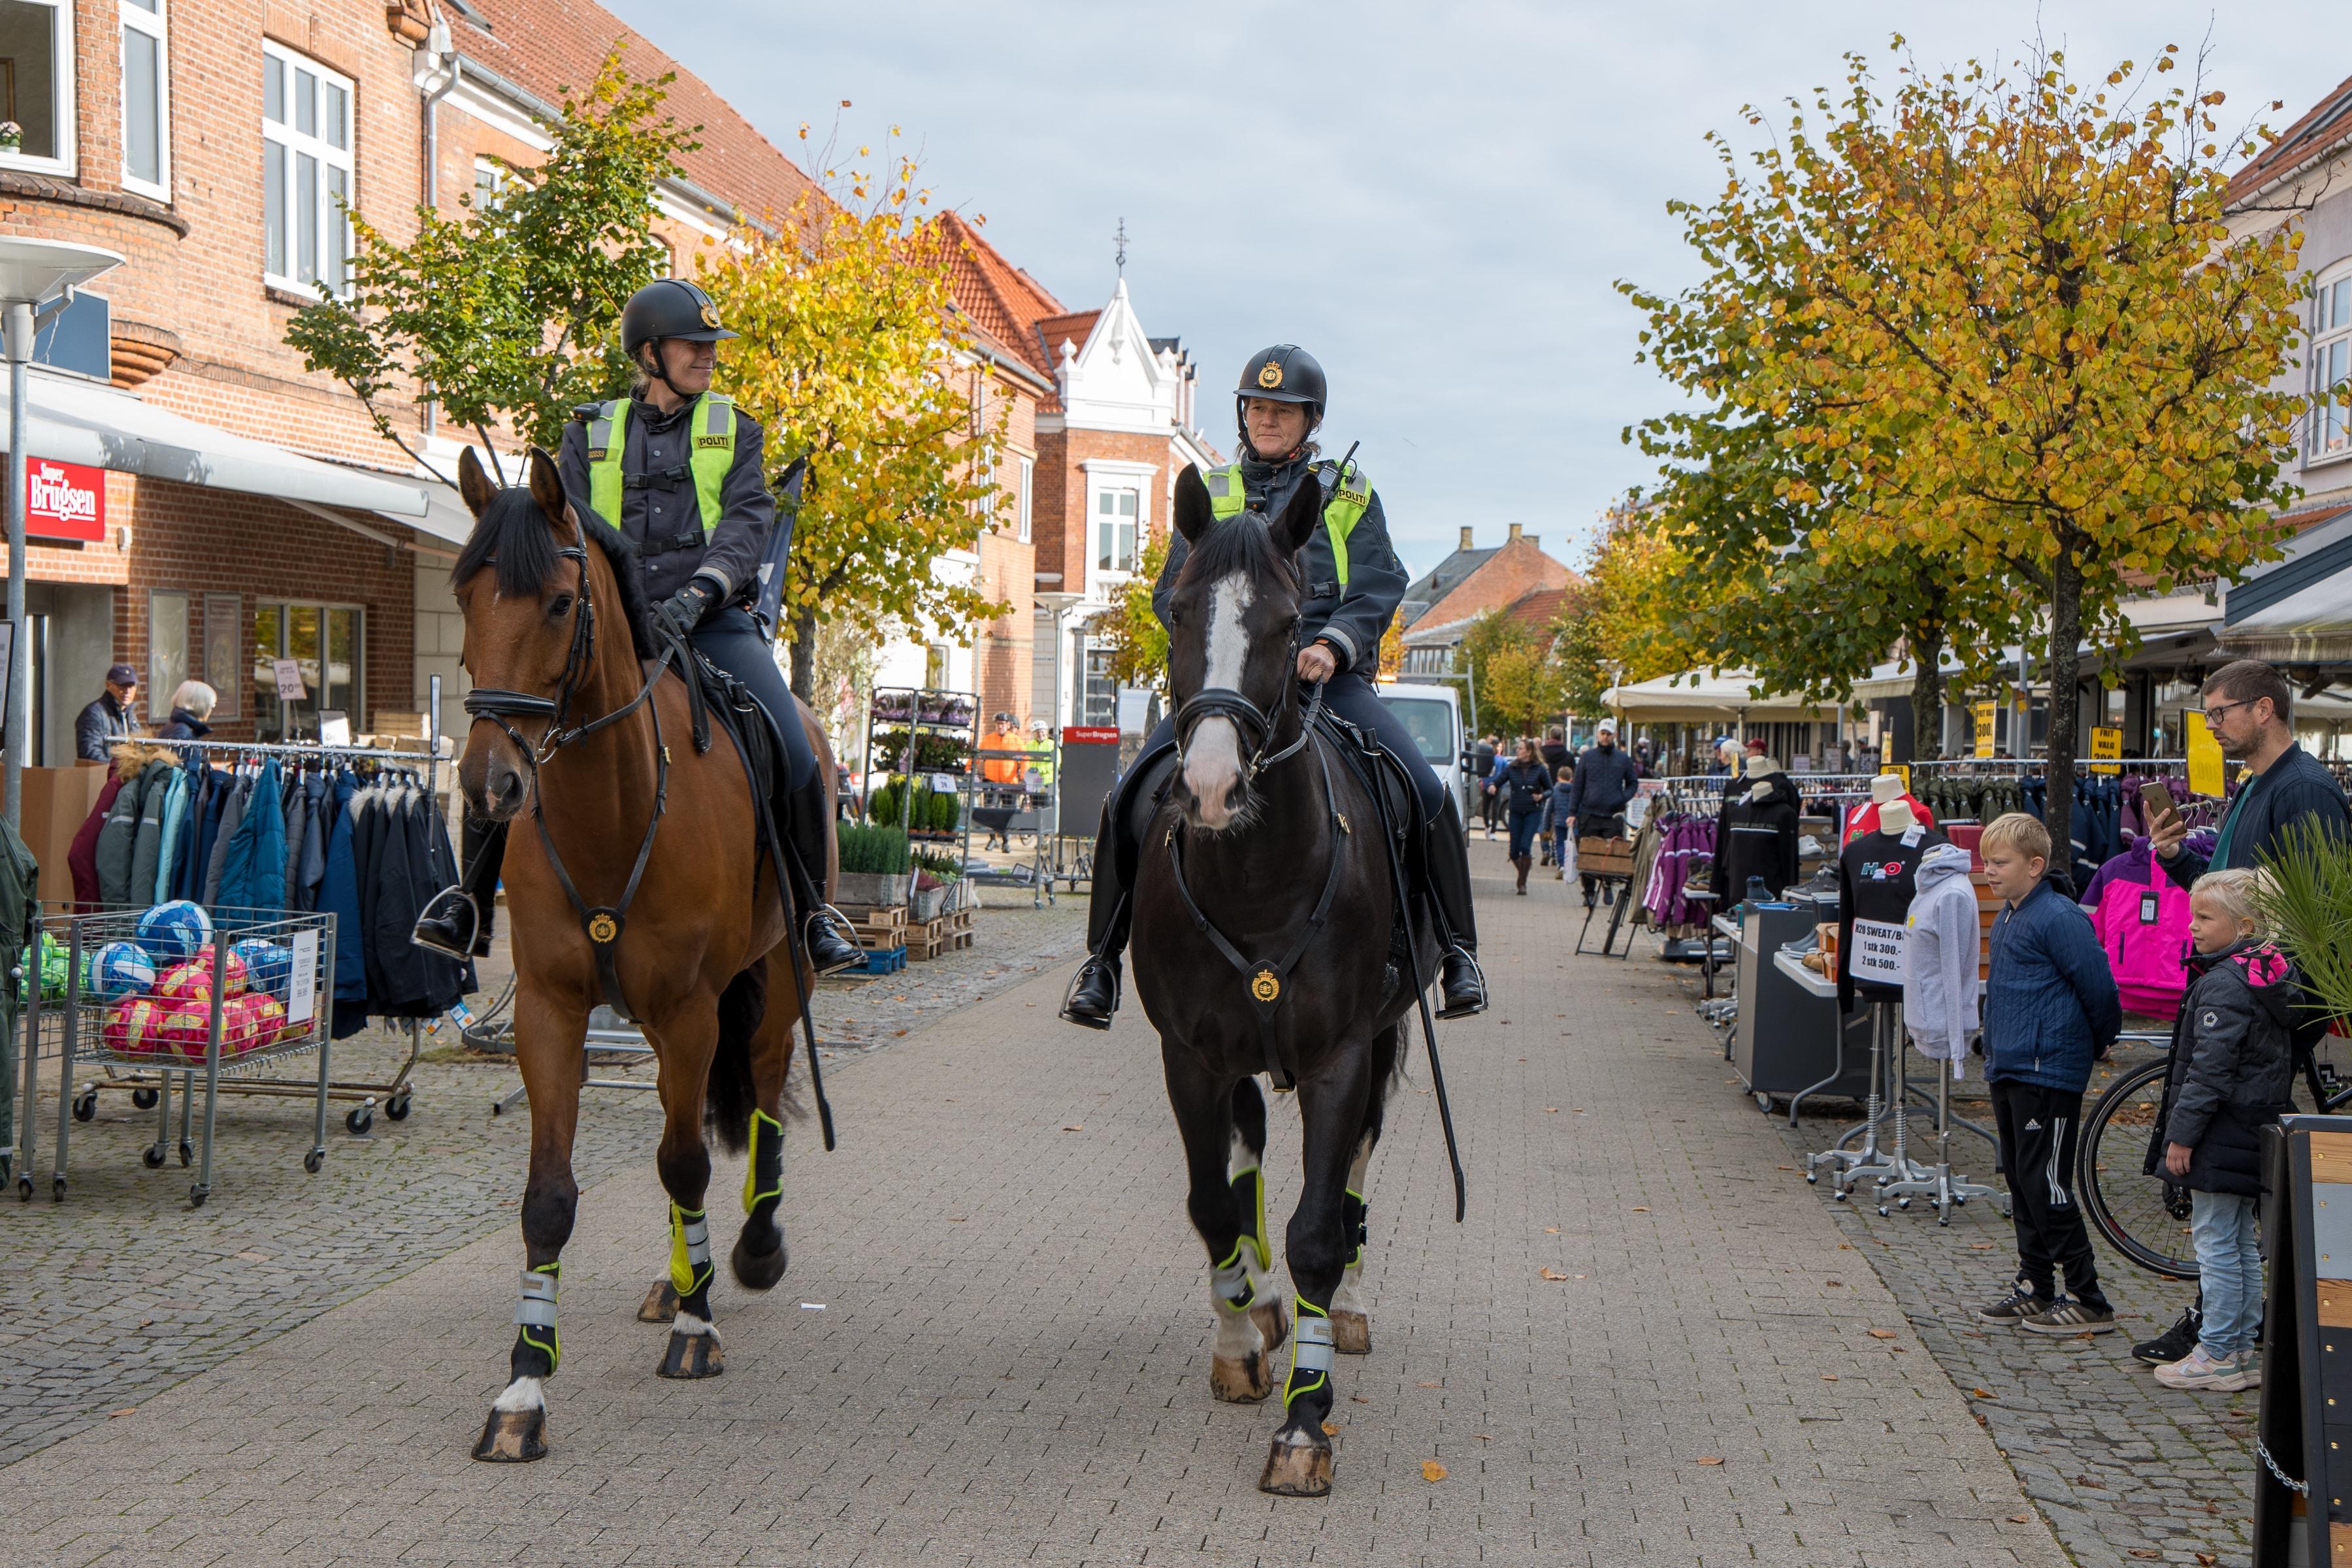 Politihestene Cantona og Drogba fra Rytterisektionen kommer torsdag formiddag på besøg i Nykøbing Sjælland for at sige goddag til de mange sommerg...